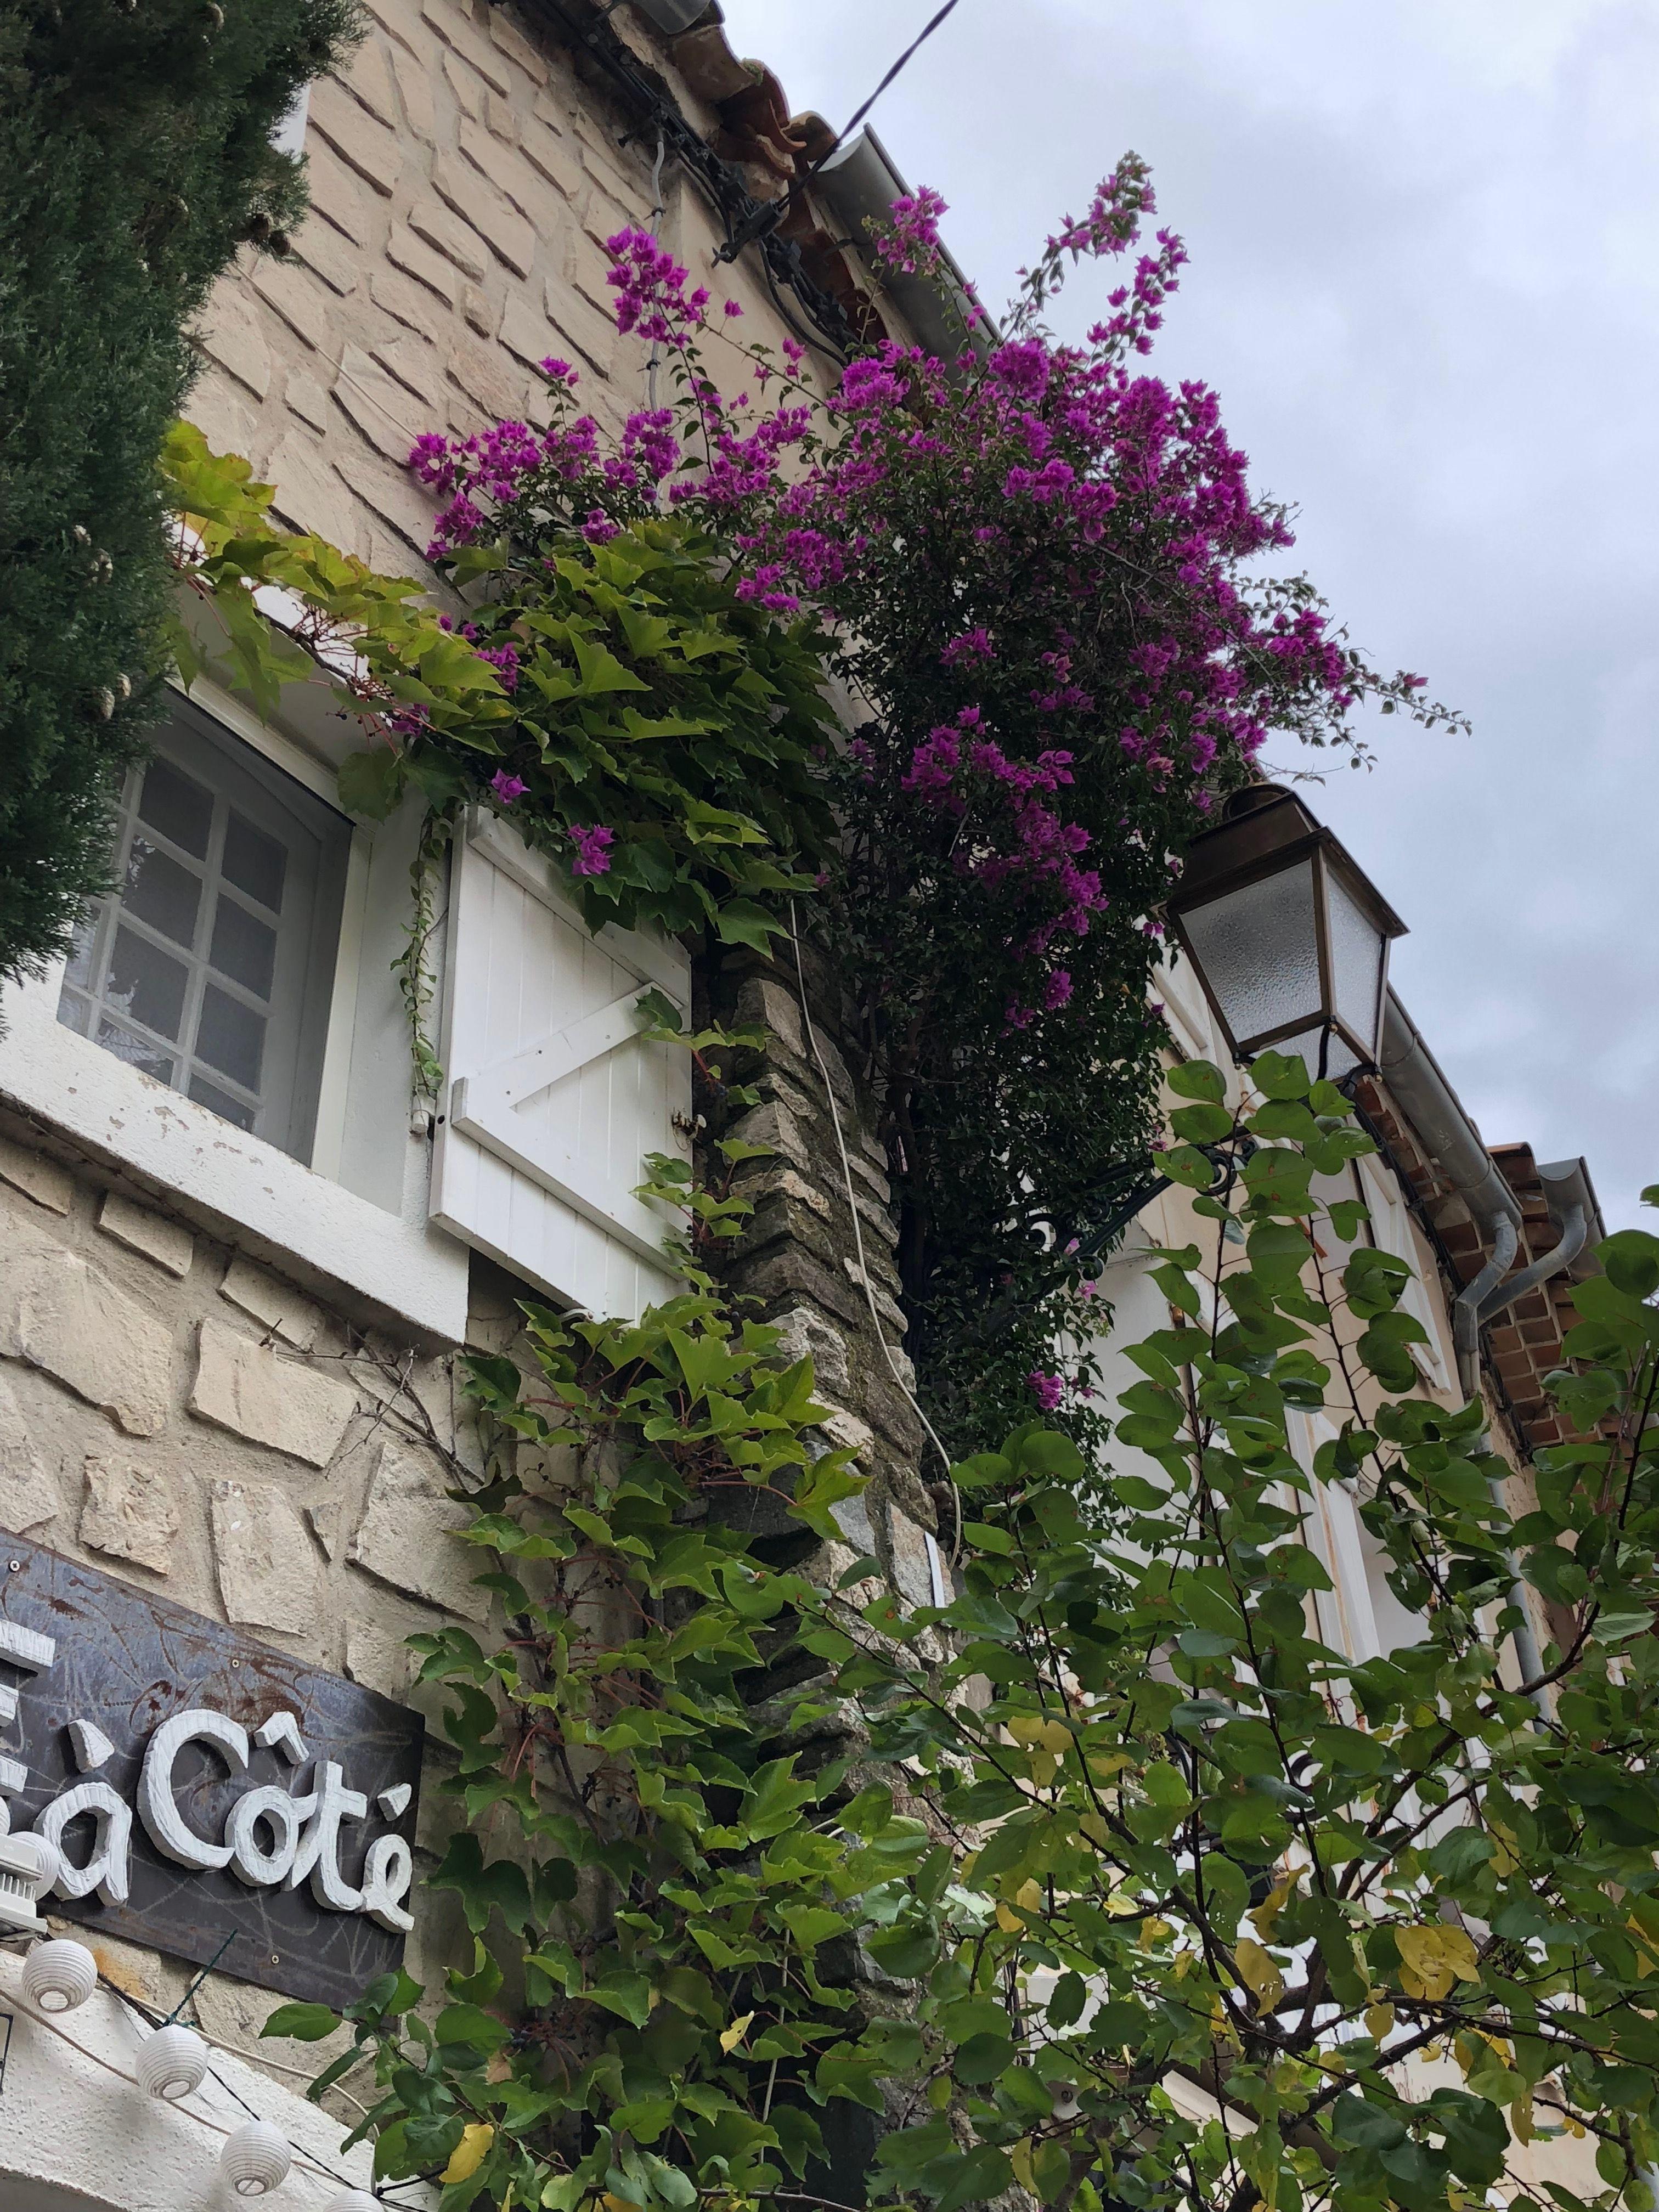 Le Castellet, France 2018 France travel, France, Plants